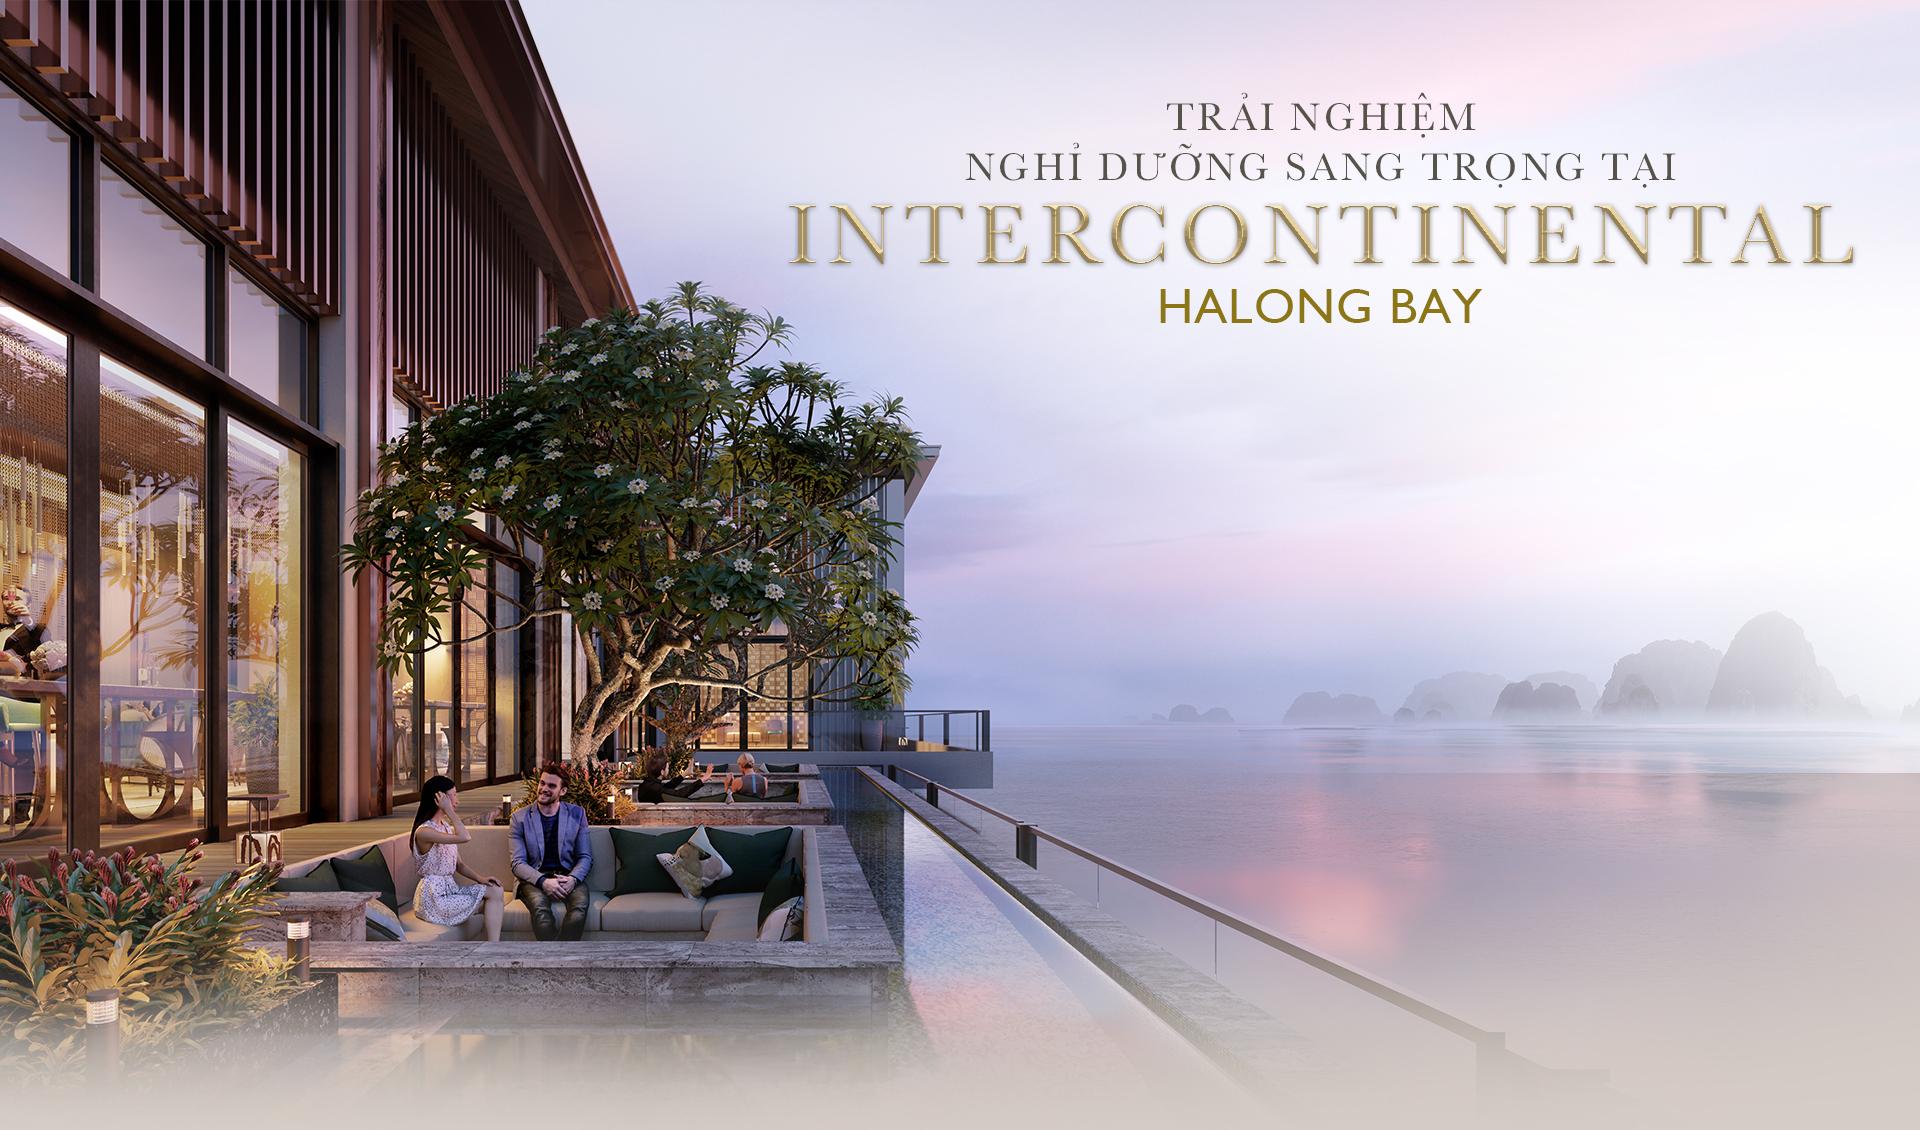 Trải nghiệm nghỉ dưỡng sang trọng tại InterContinental Halong Bay 1